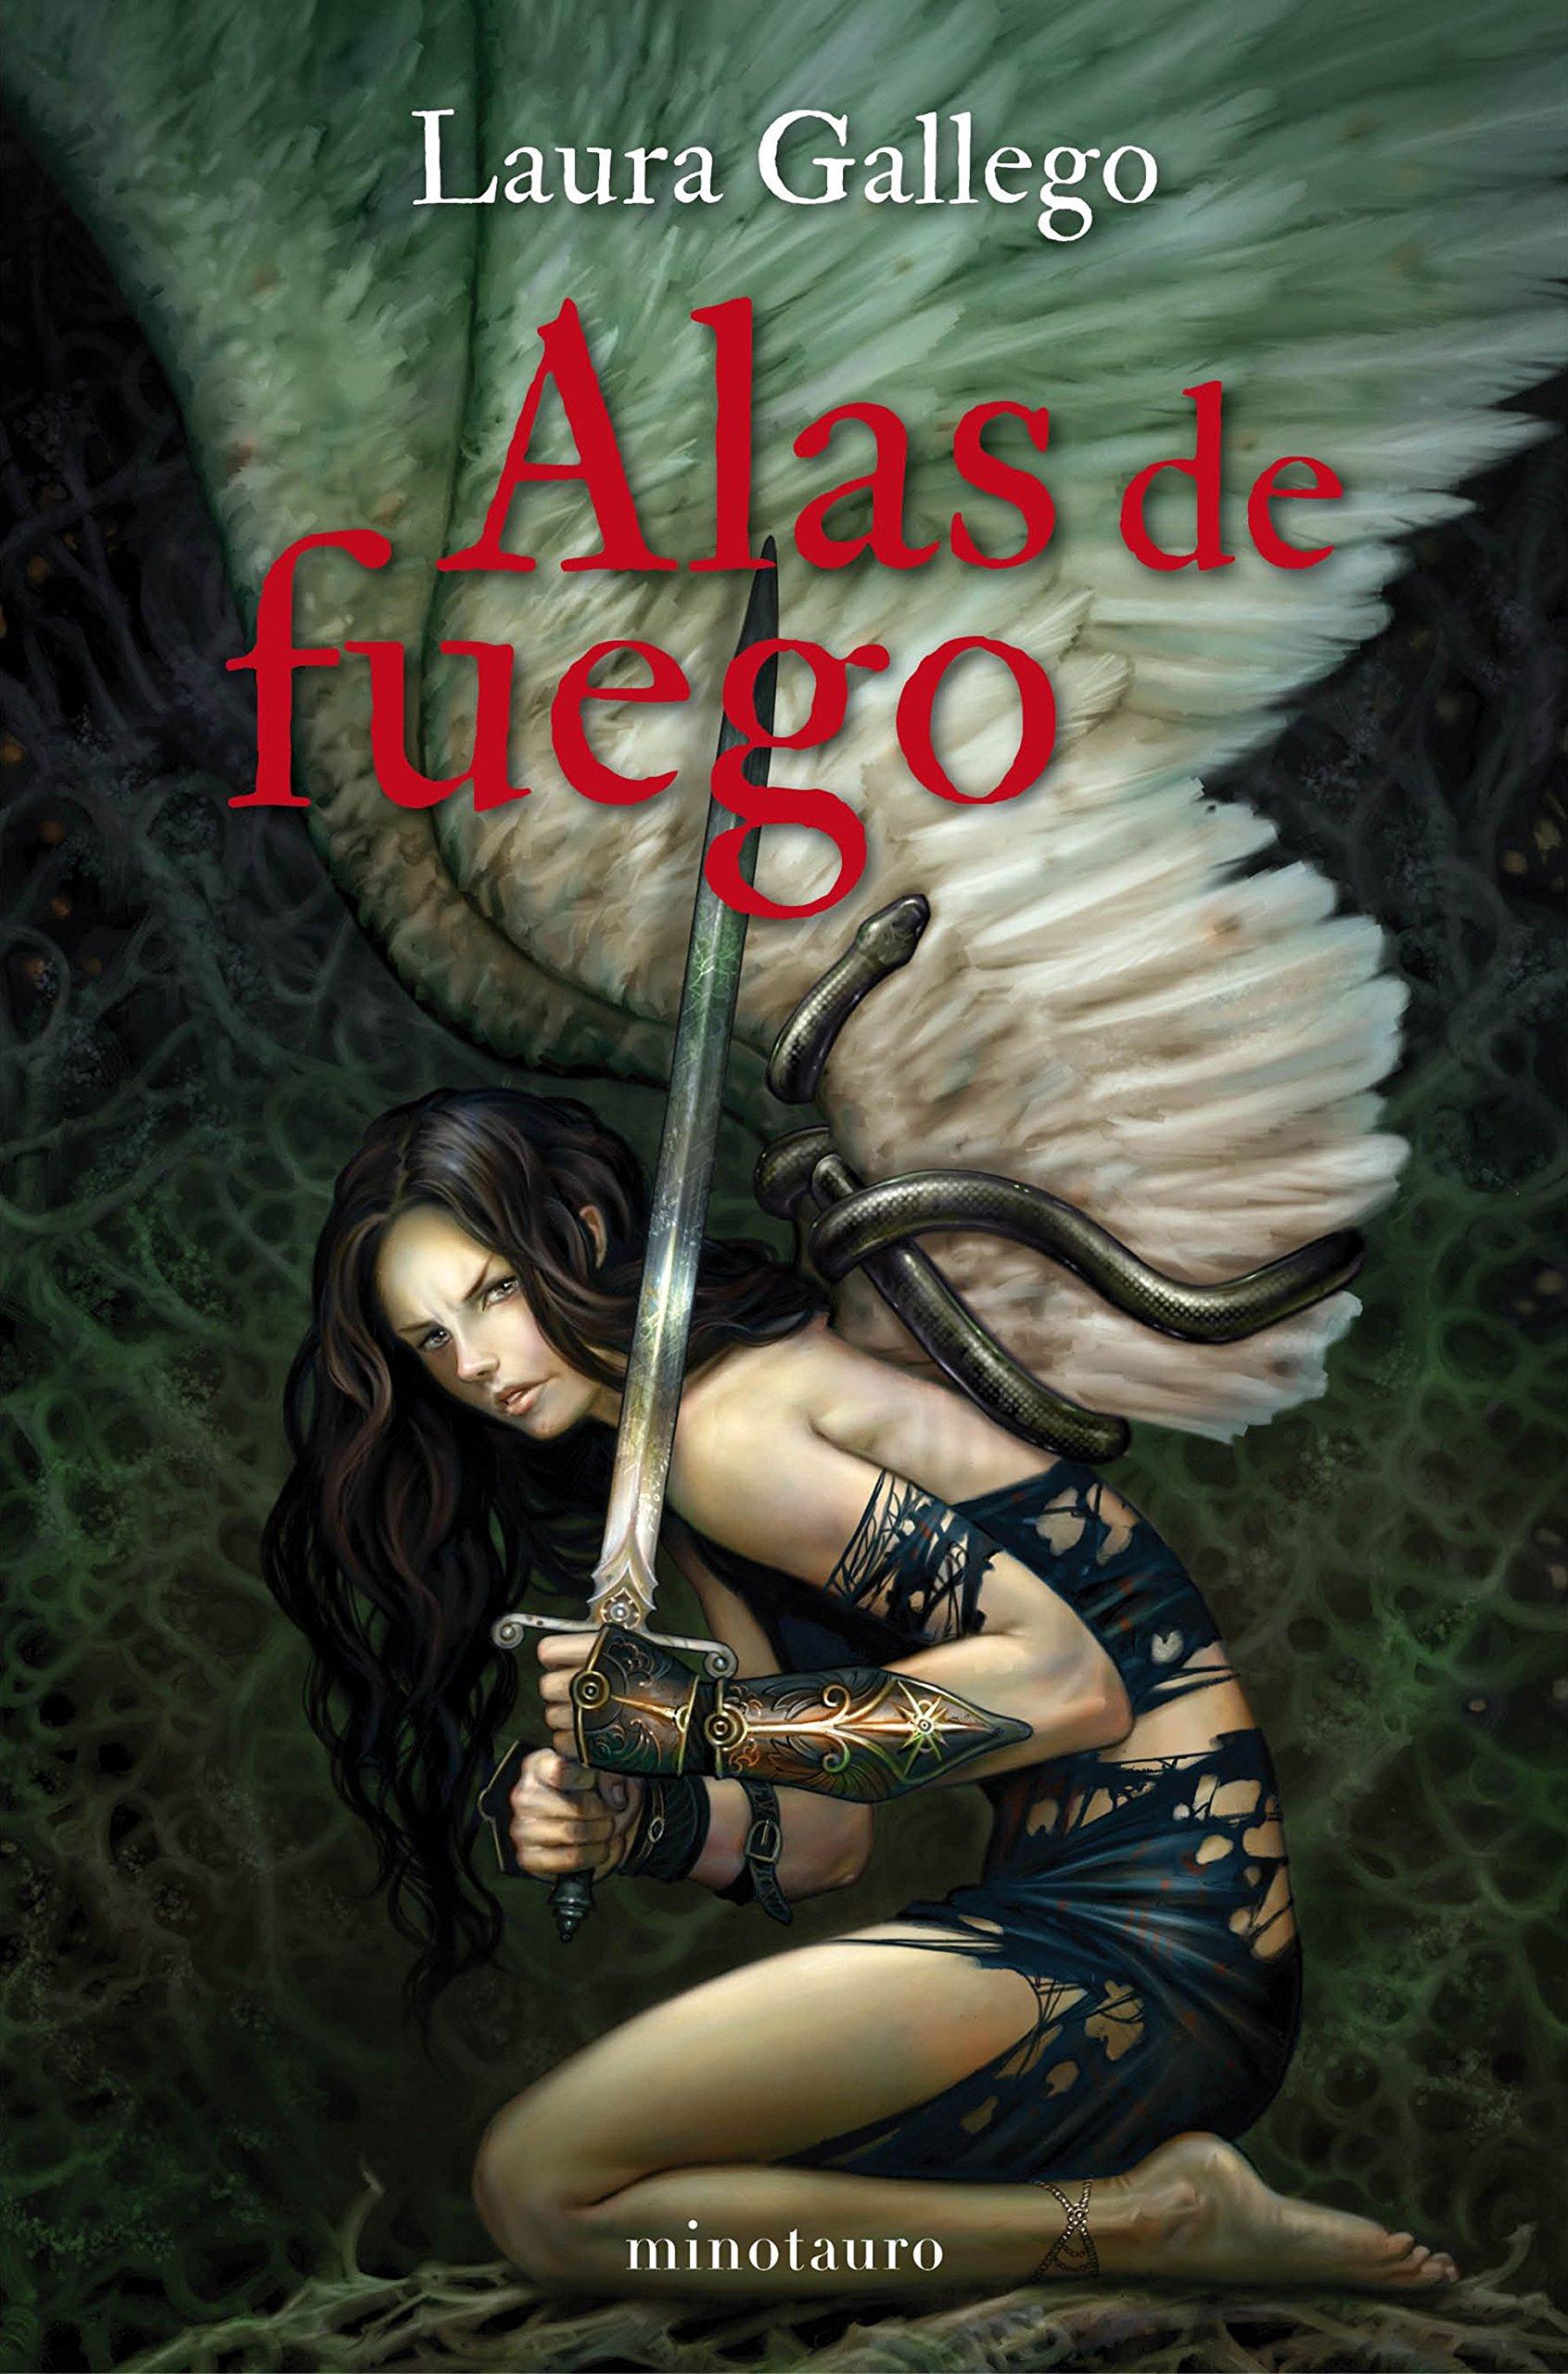 Alas de fuego (Fantasía) Tapa blanda – 26 ene 2016 Laura Gallego Minotauro 8445002880 Science Fiction & Fantasy